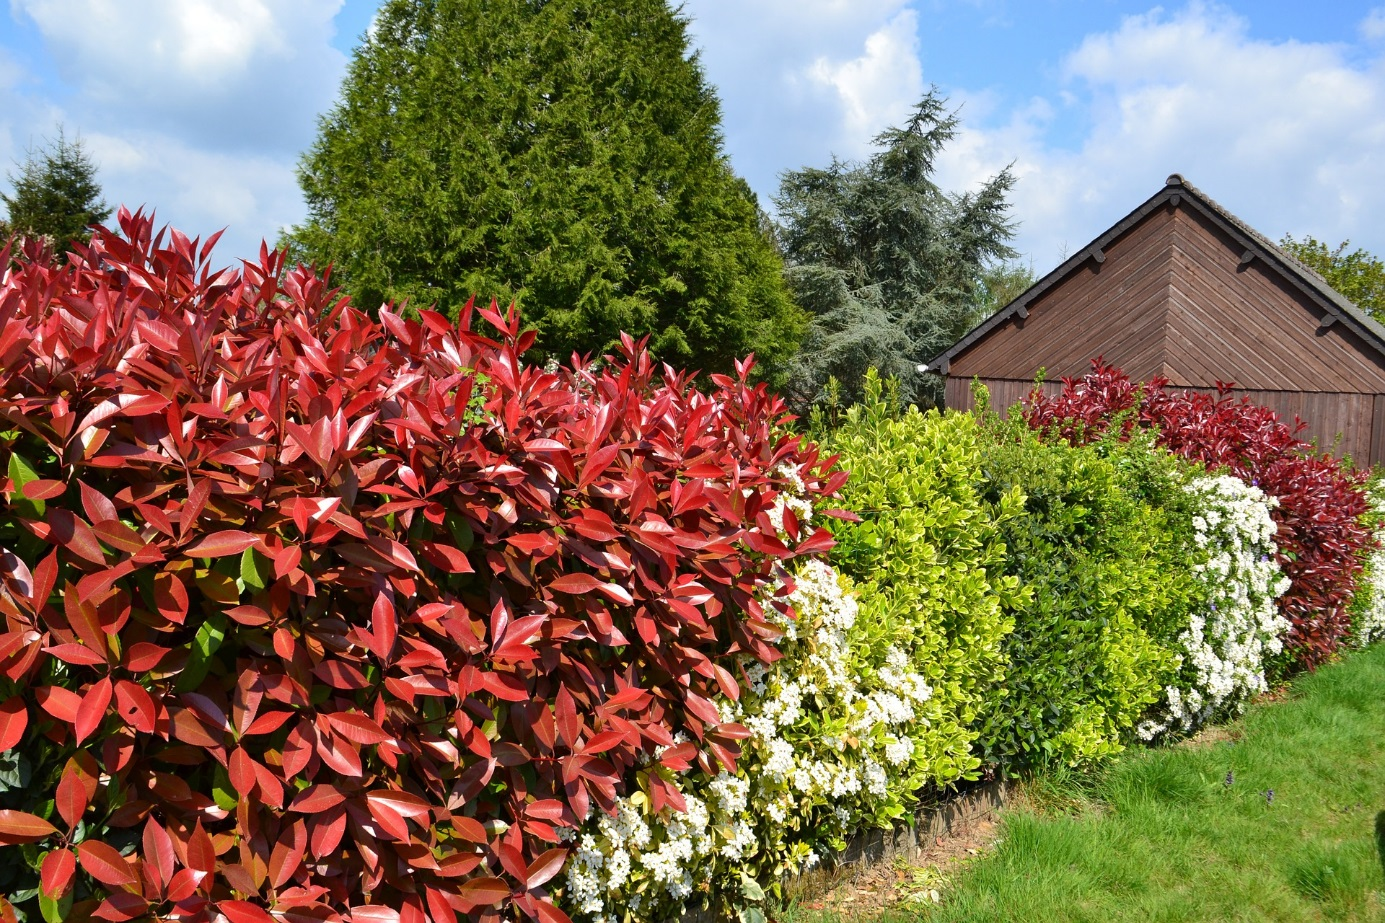 Brise Vue Hauteur 1M70 44 façons de se cacher de vos voisins au jardin (photos et